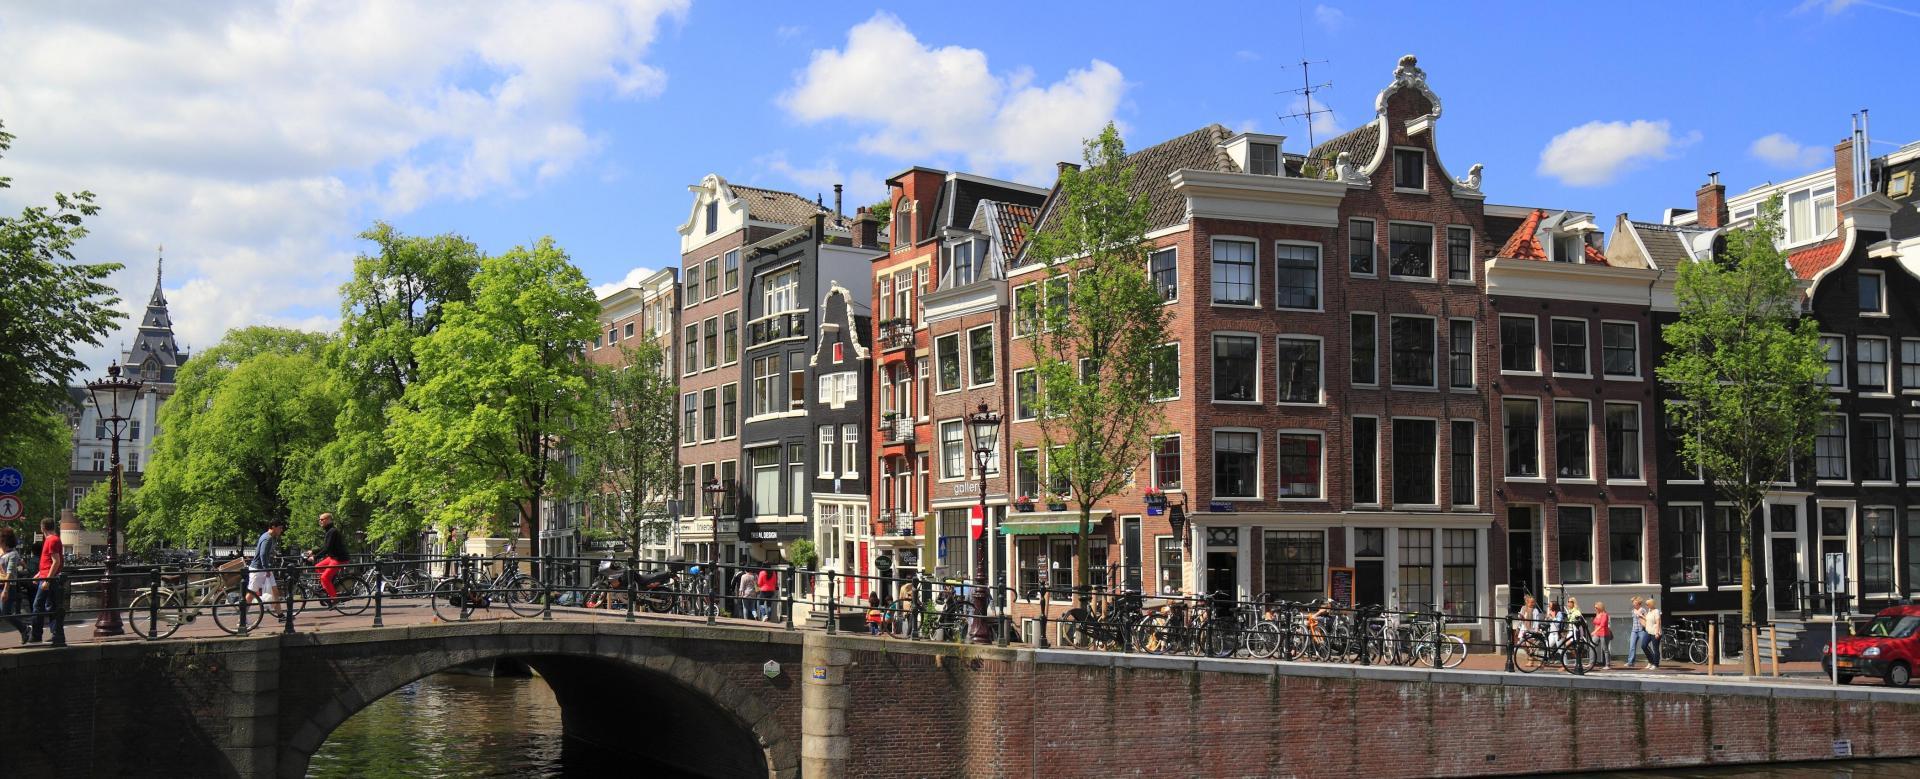 Voyage en véhicule : Les merveilles de hollande à vélo